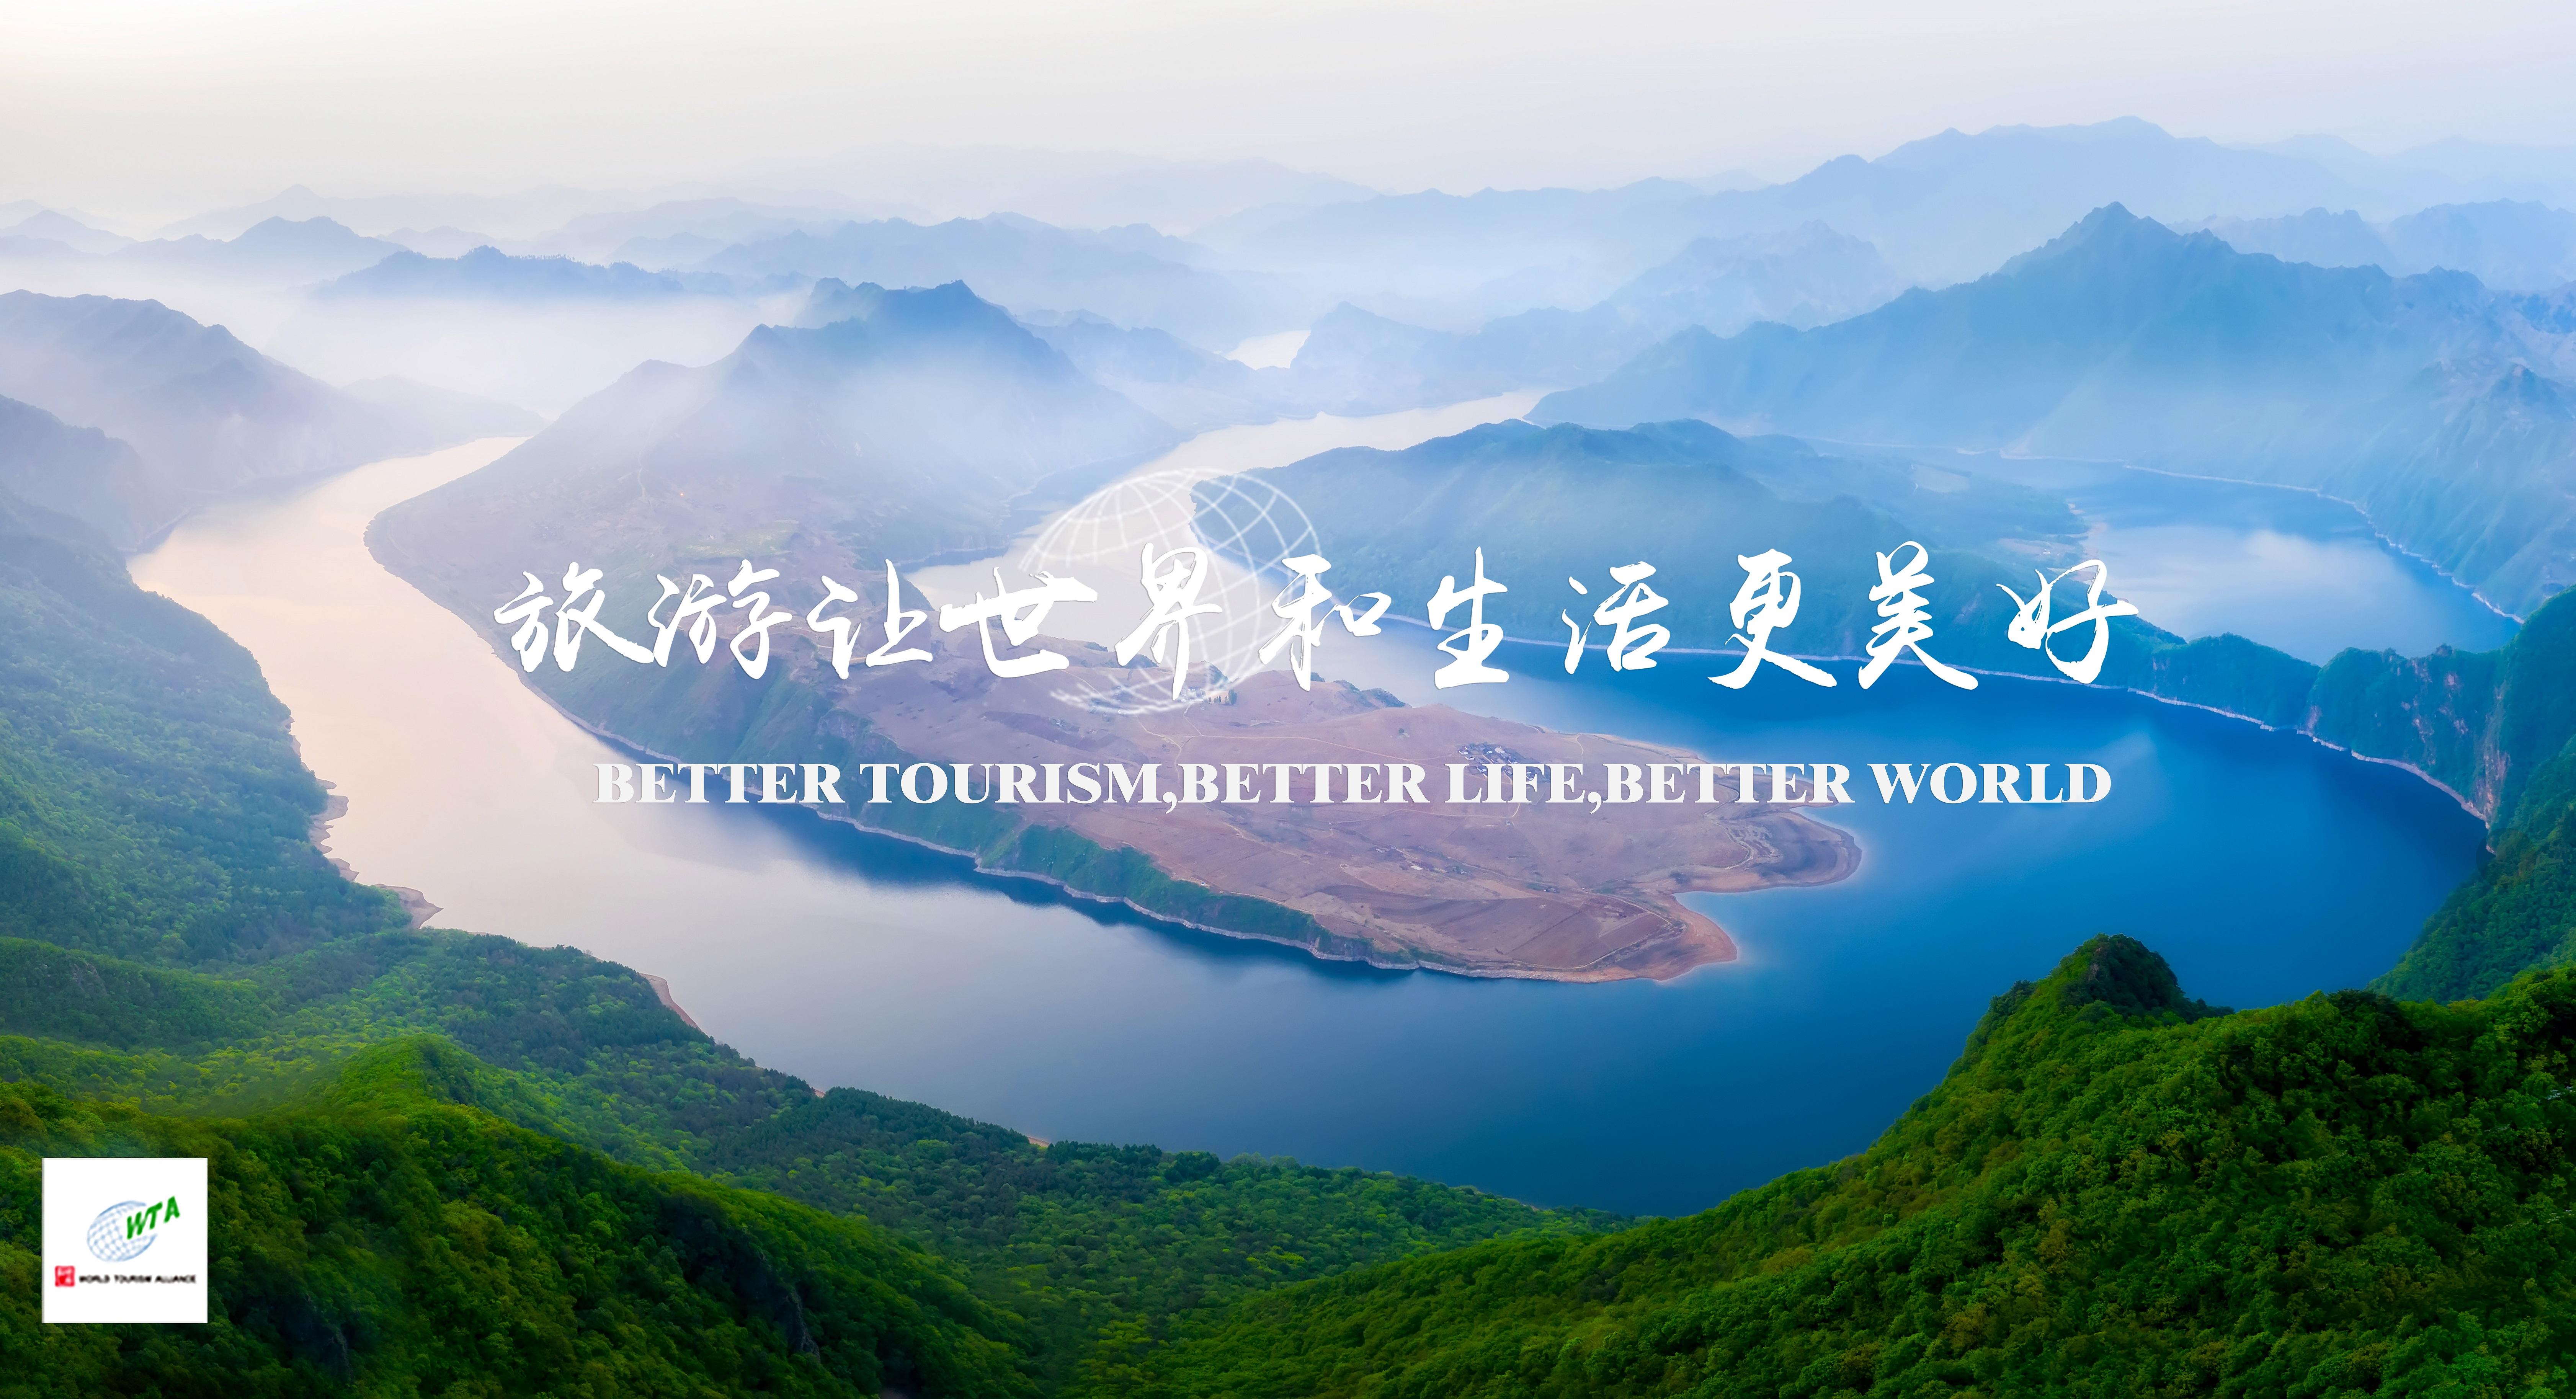 Mini Documentary Series: Better Tourism, Better Life, Better World Season 1